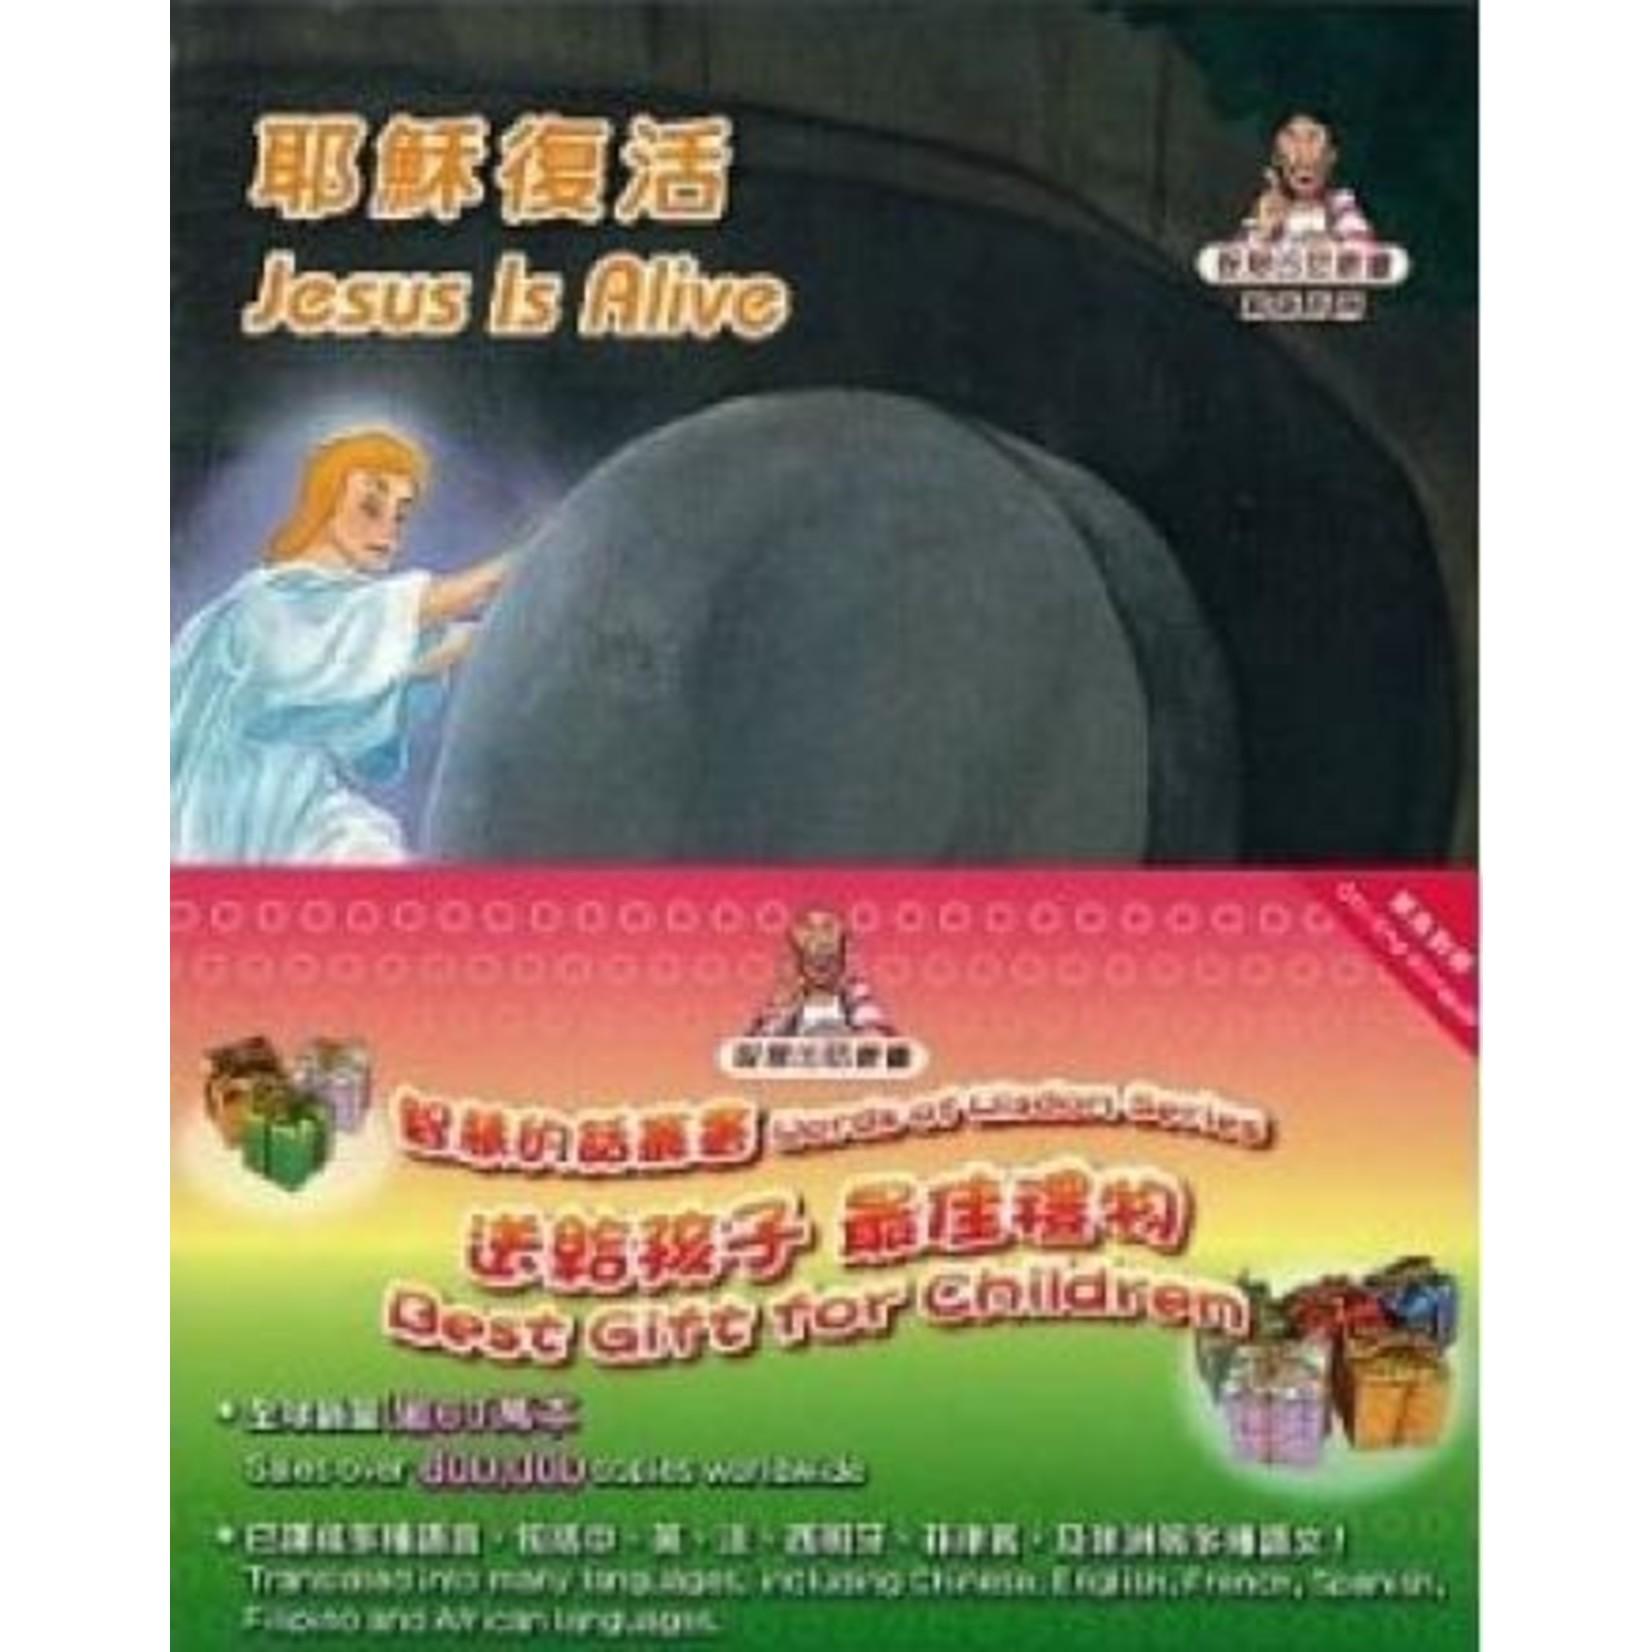 香港聖經公會 Hong Kong Bible Society 智慧的話叢書(繁英對照)(15本套裝) Words of Wisdom Series Gift Set (15 books in 1 set)